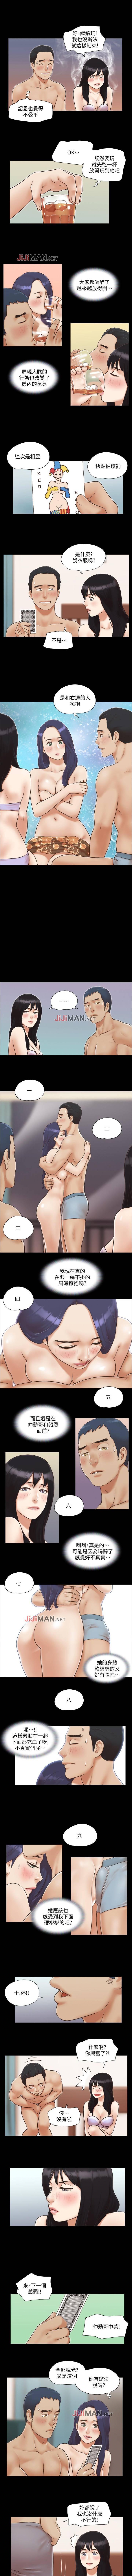 【周五连载】协议换爱(作者:遠德) 第1~62话 20